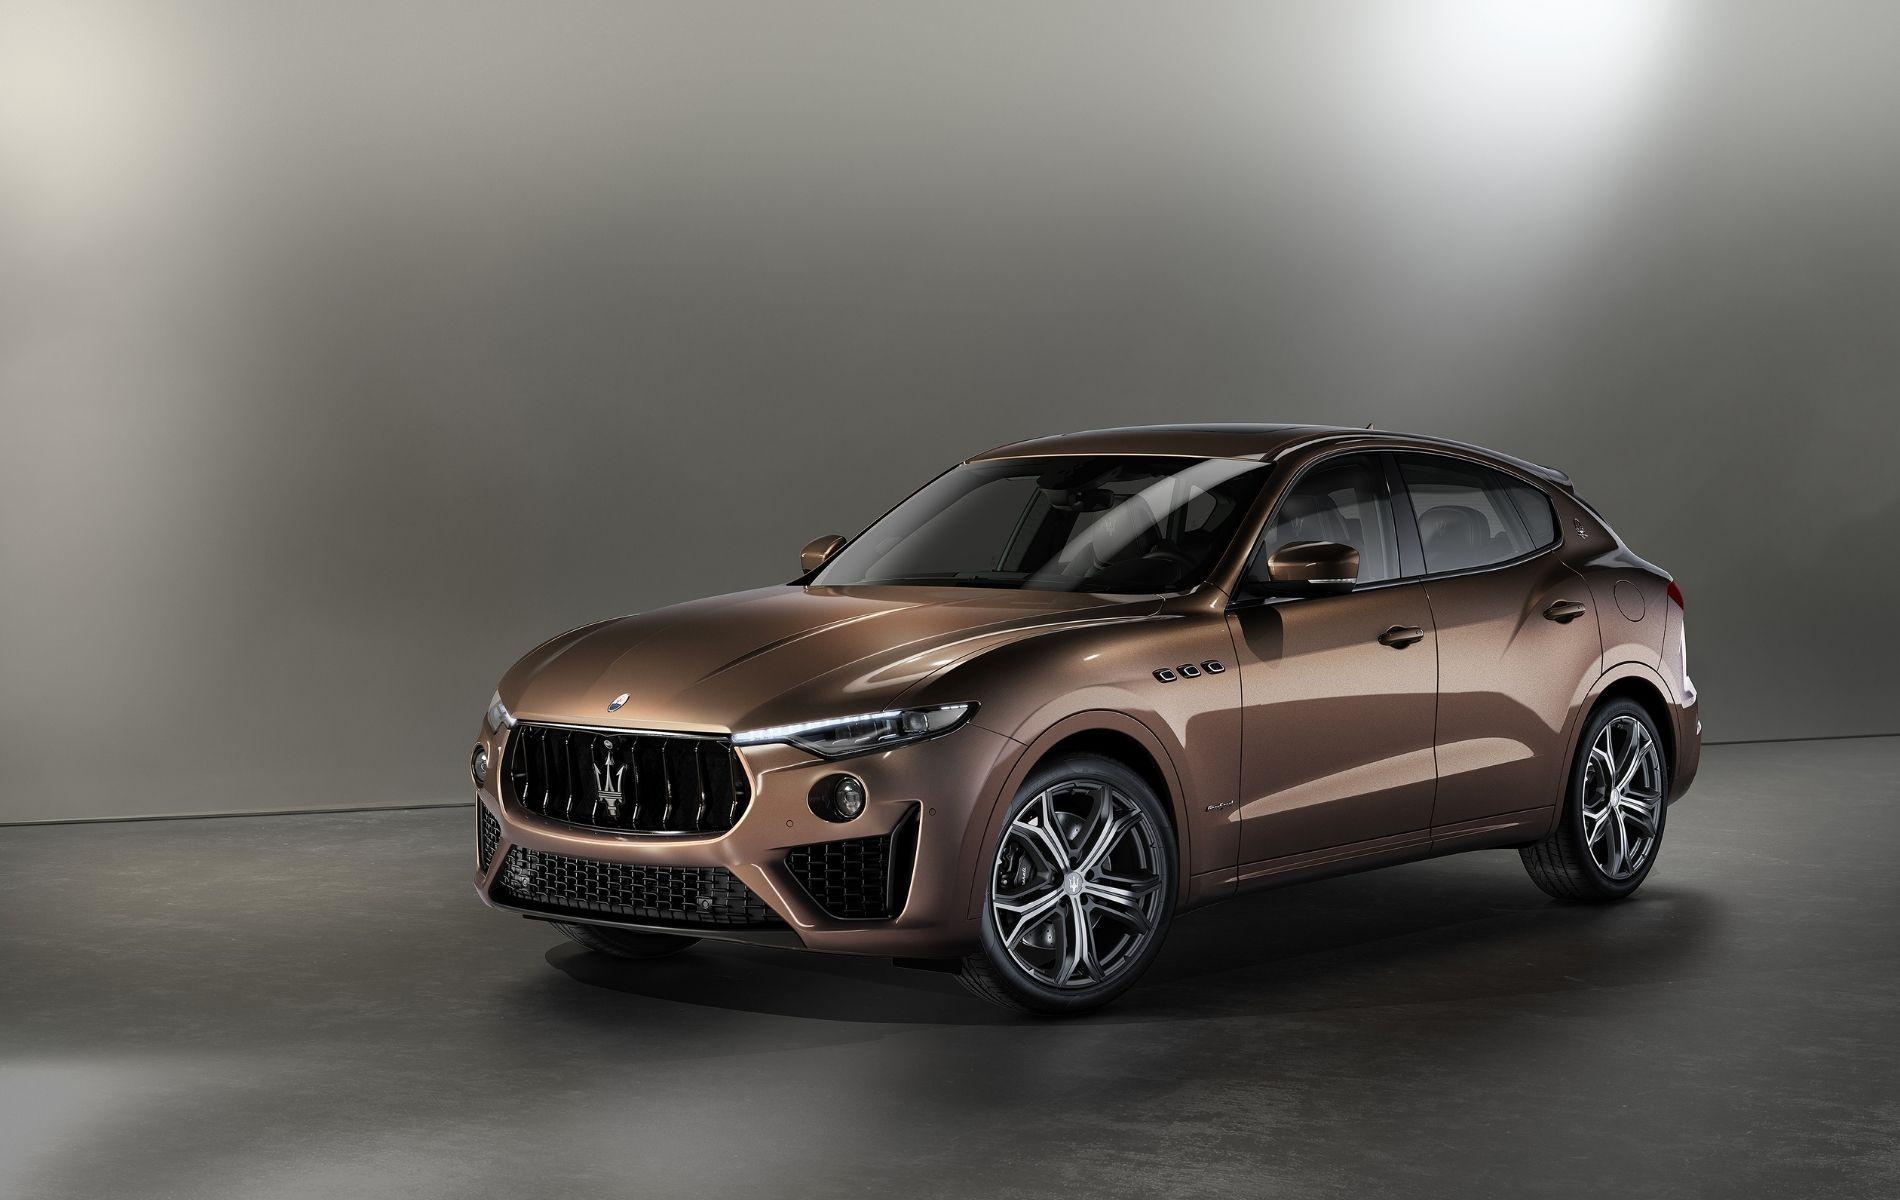 Ermenegildo Zegna Outfitted The Interior Of The Maserati Levante S GranSport SUV